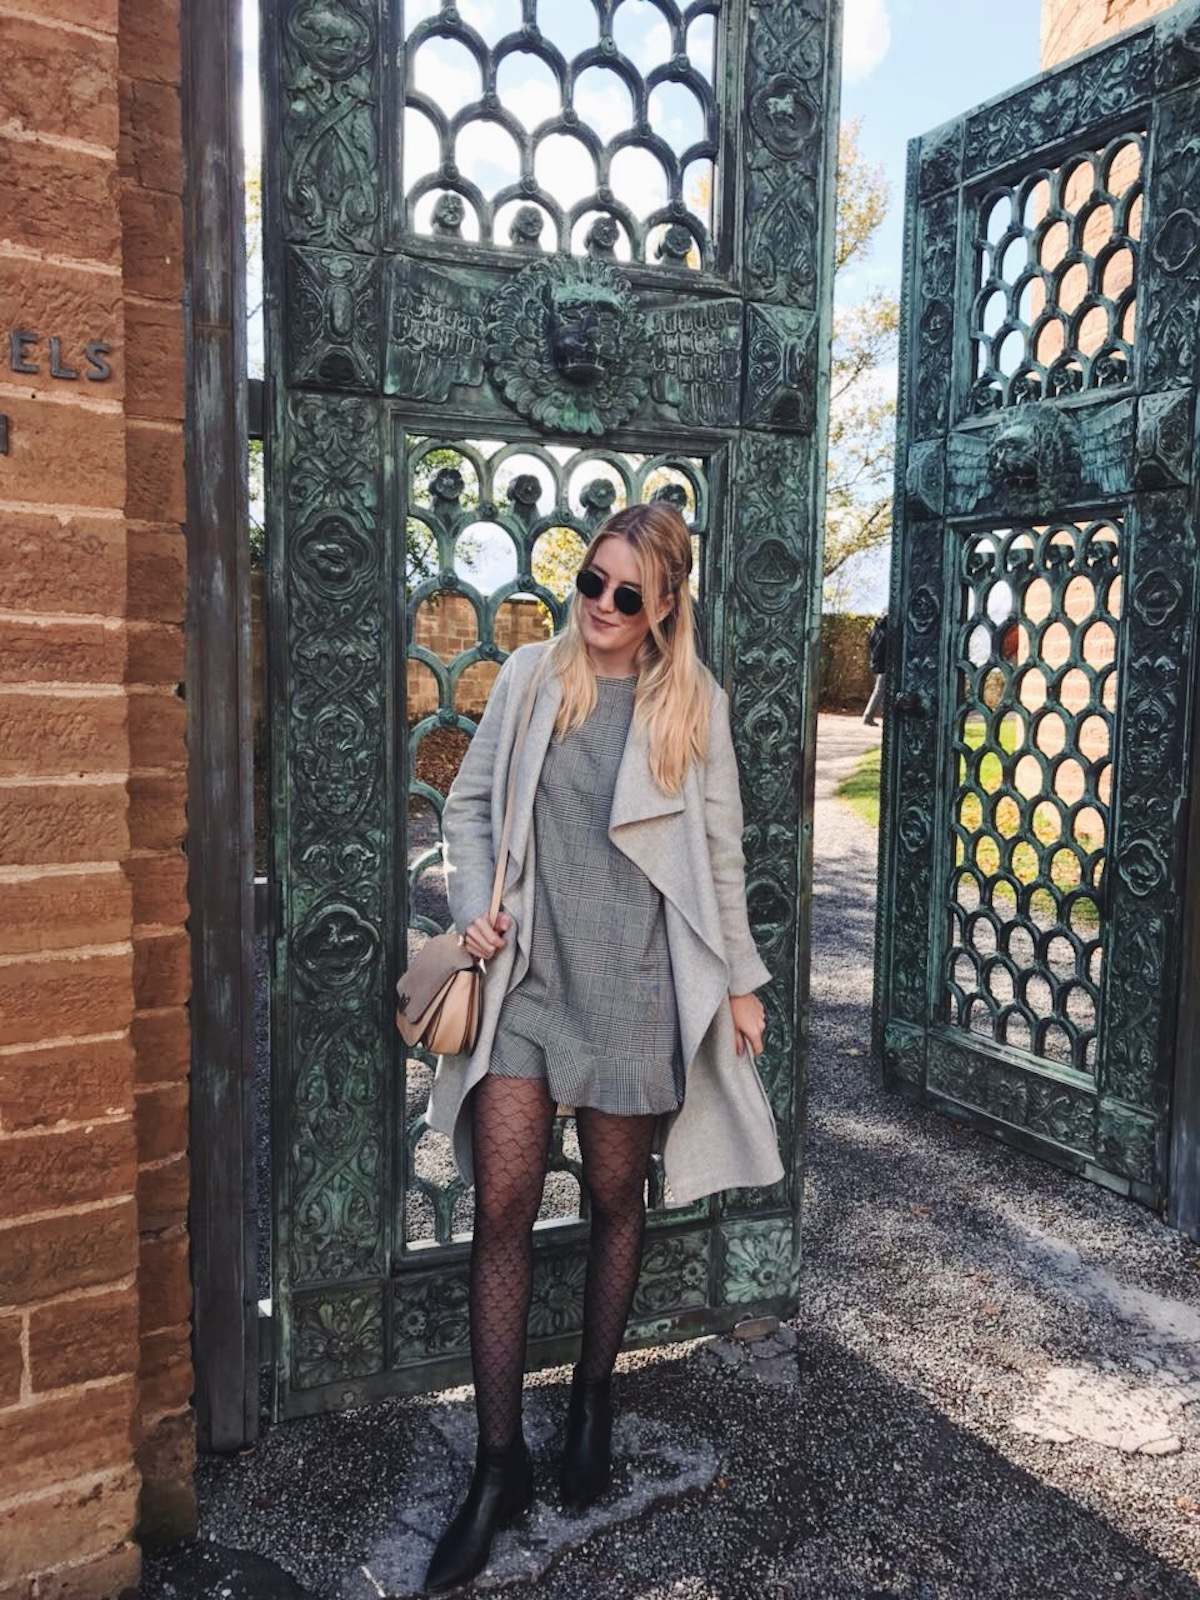 Fashion Stuttgart Blog Outfit Gambettes Box Erfahrungen Zara Kariertes Kleid Lace Strumpfhosen Tights